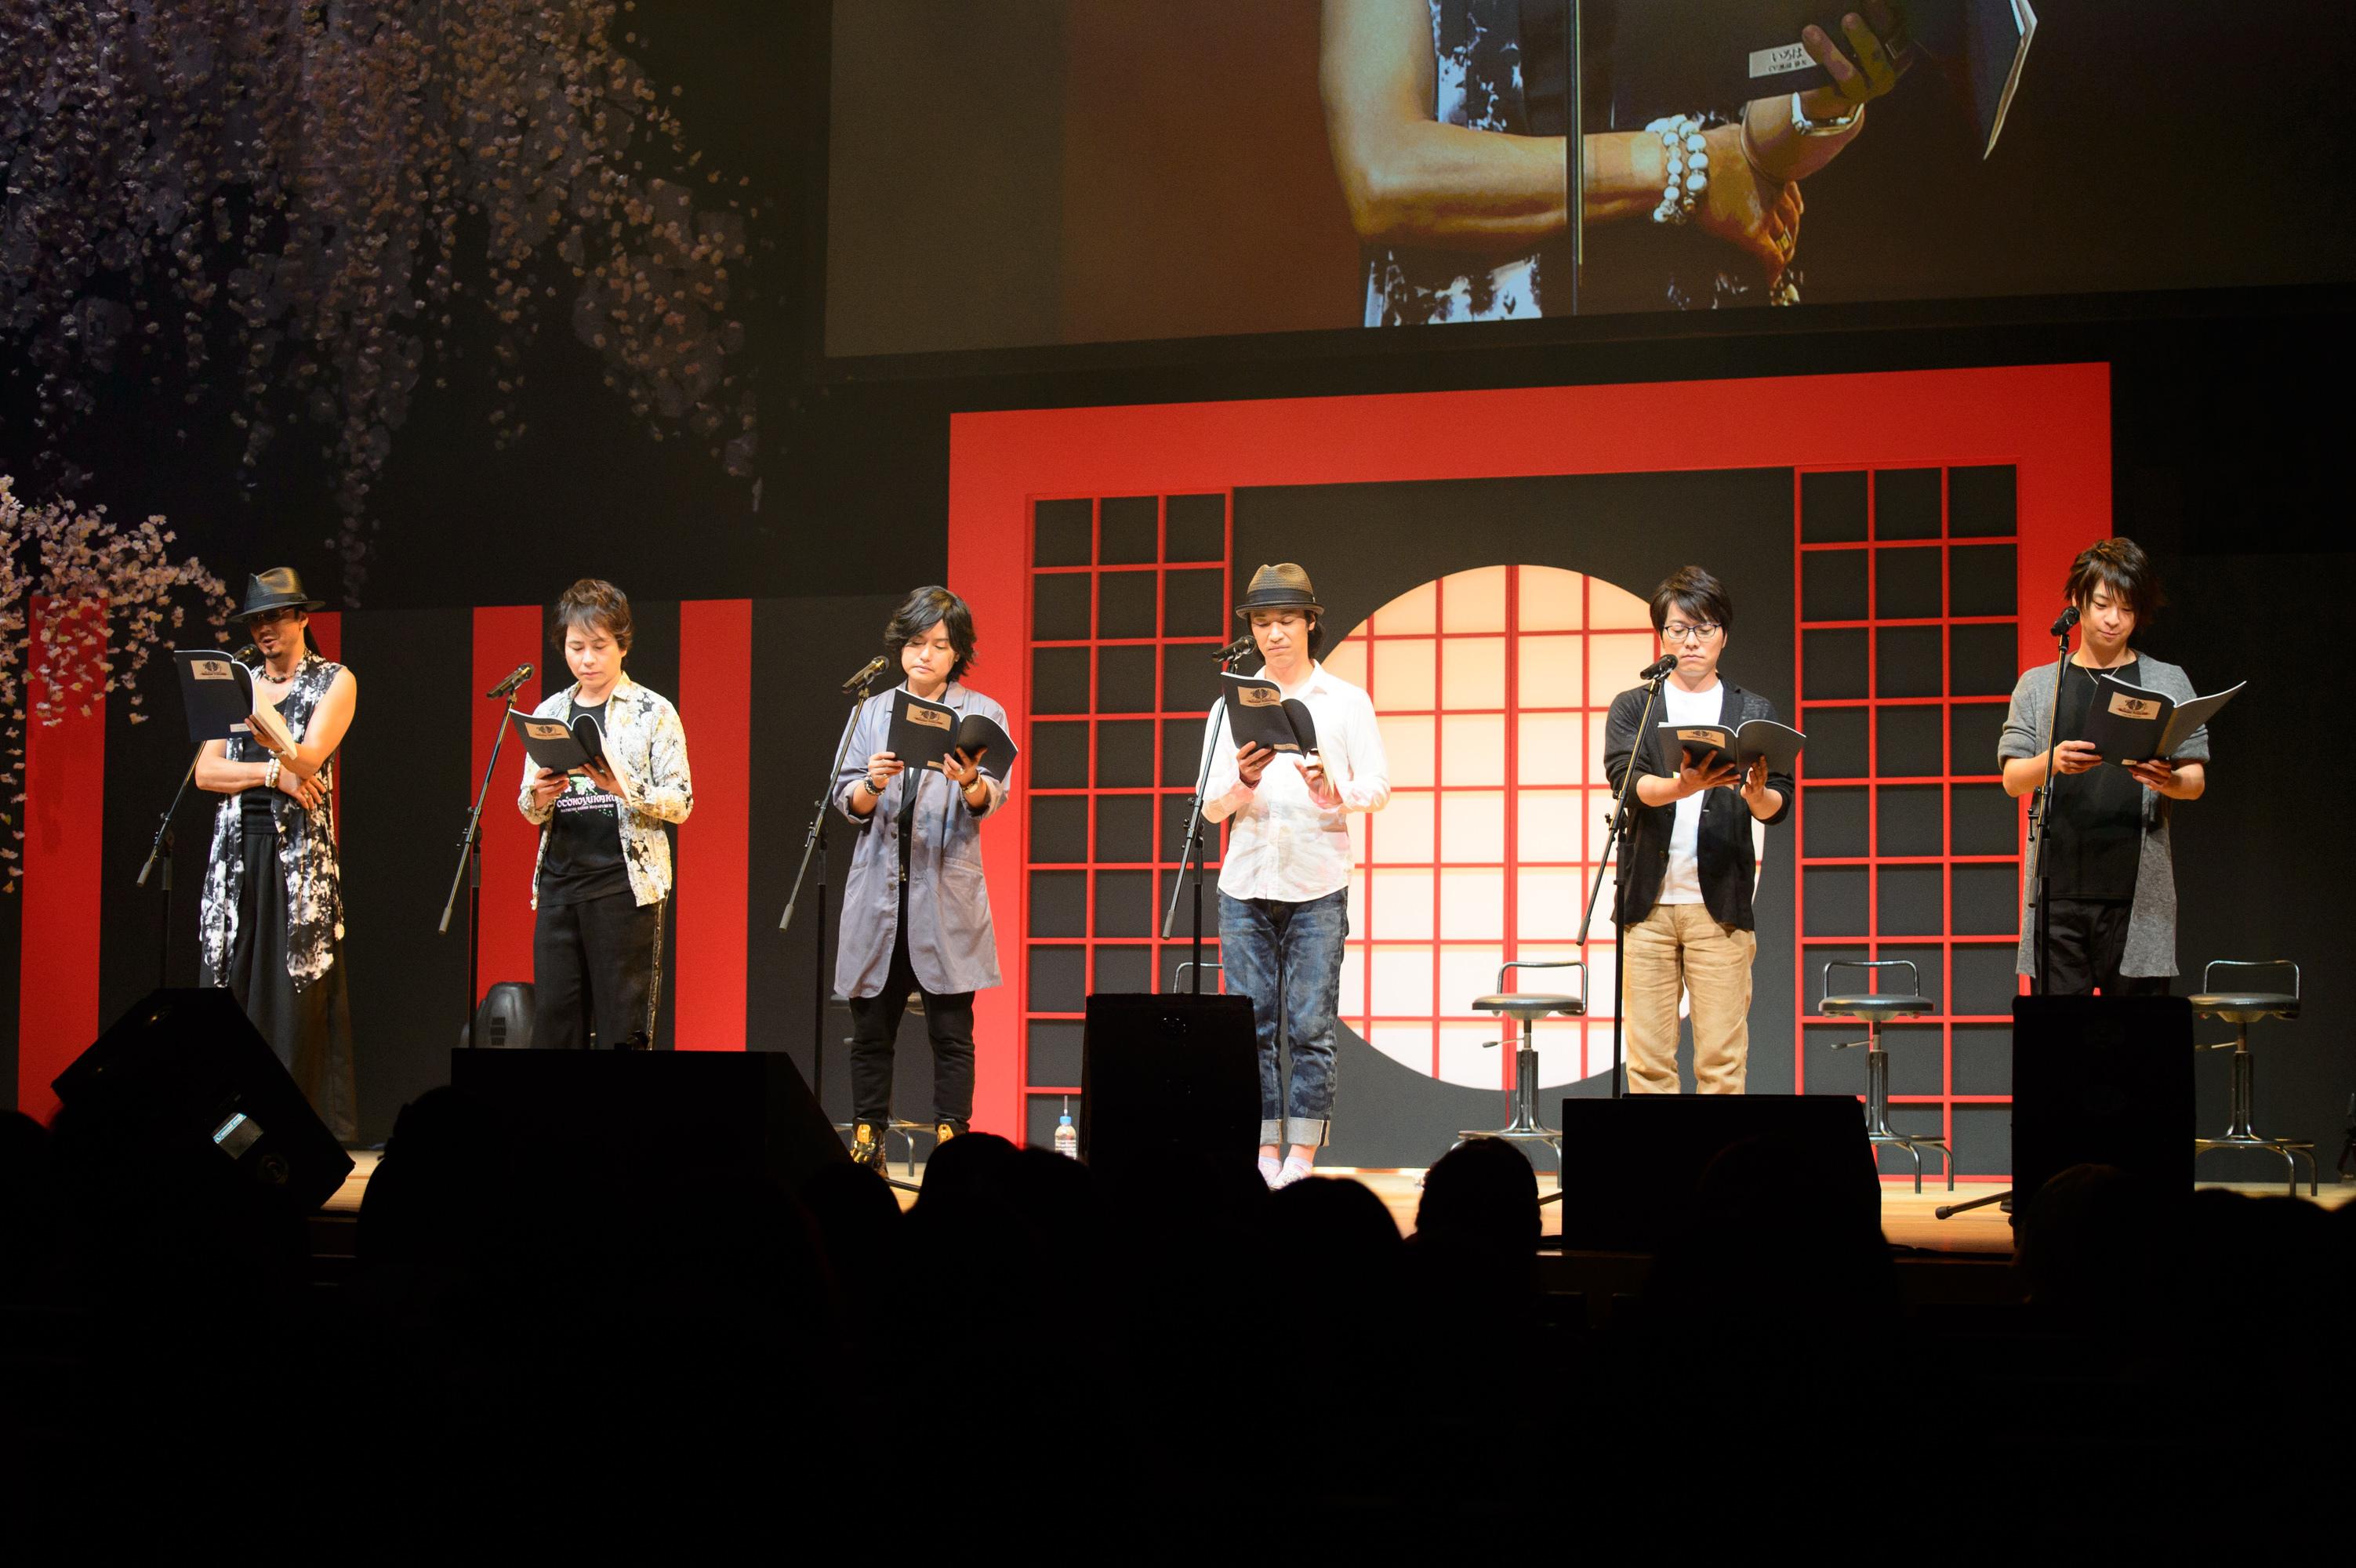 『男遊郭 ~夏の宵の花吹雪~』イベントのようす (C)2015 D3 PUBLISER